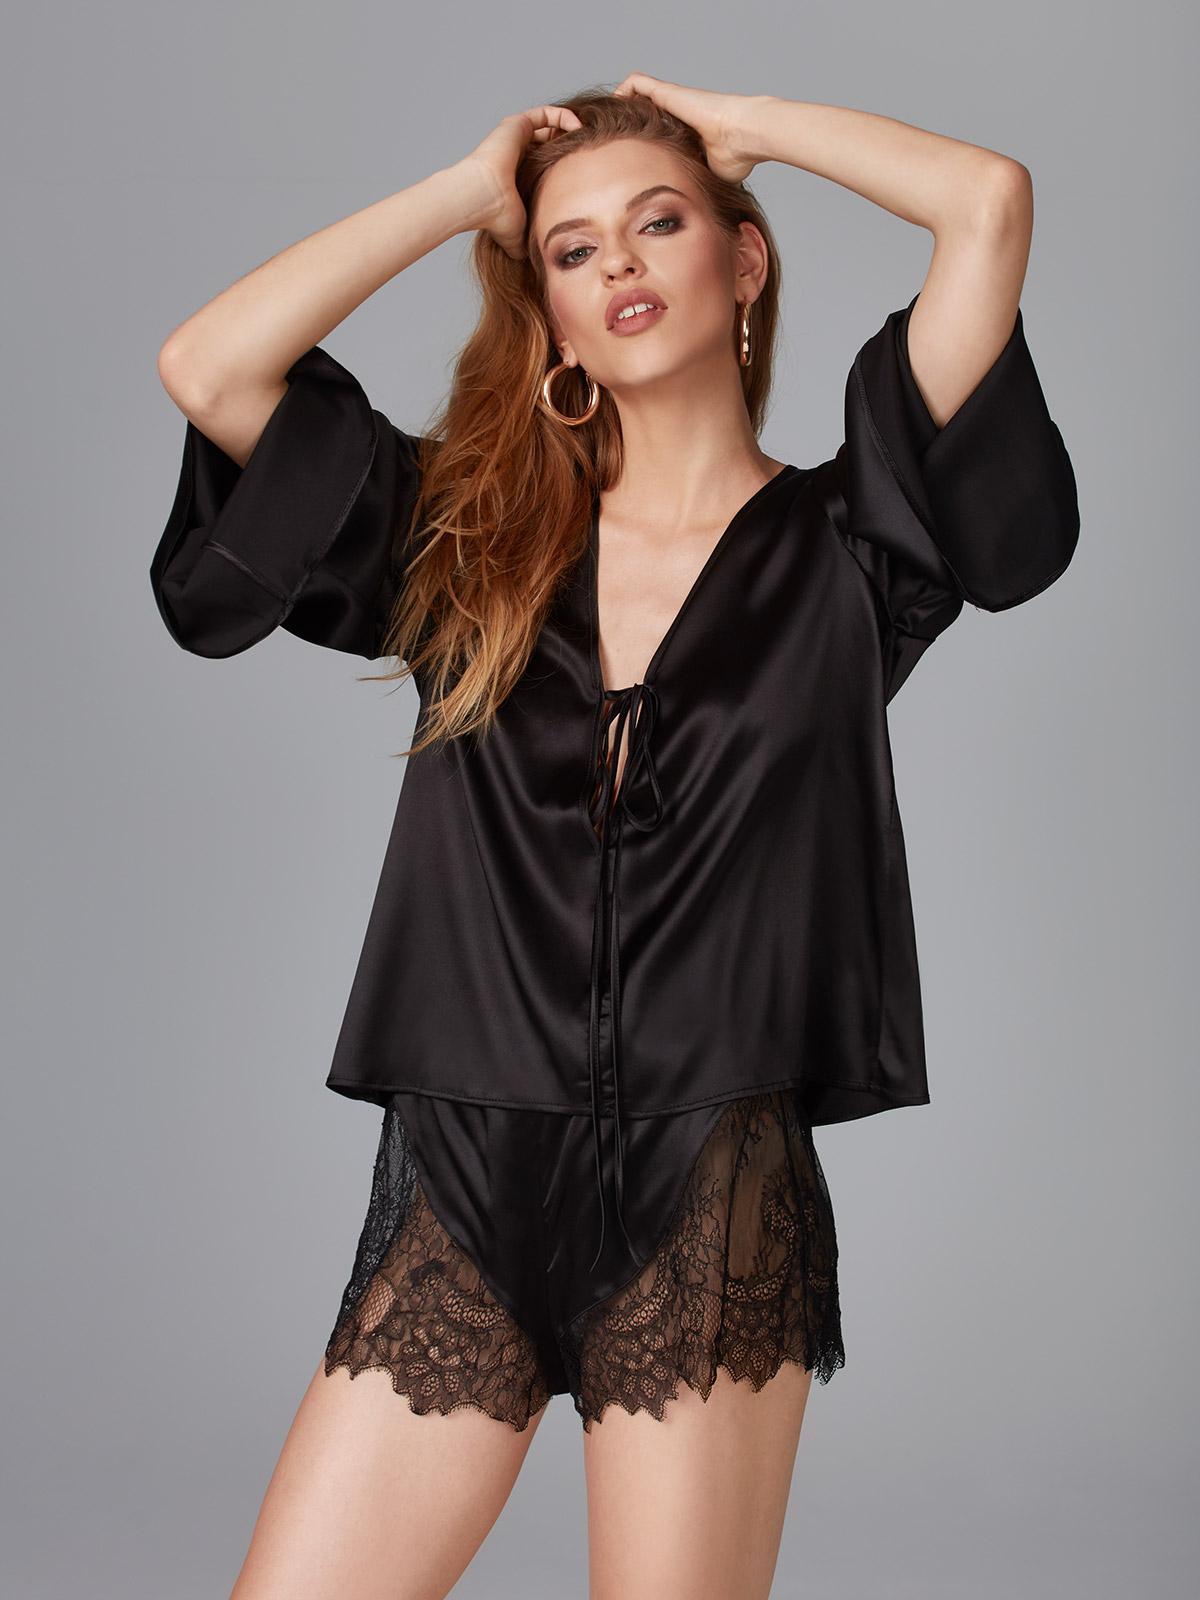 Amore OZ021 Camicia Seta<br />Vogue OZ022 Shorts Seta e Pizzo<br />01 Ivory, 02 Black